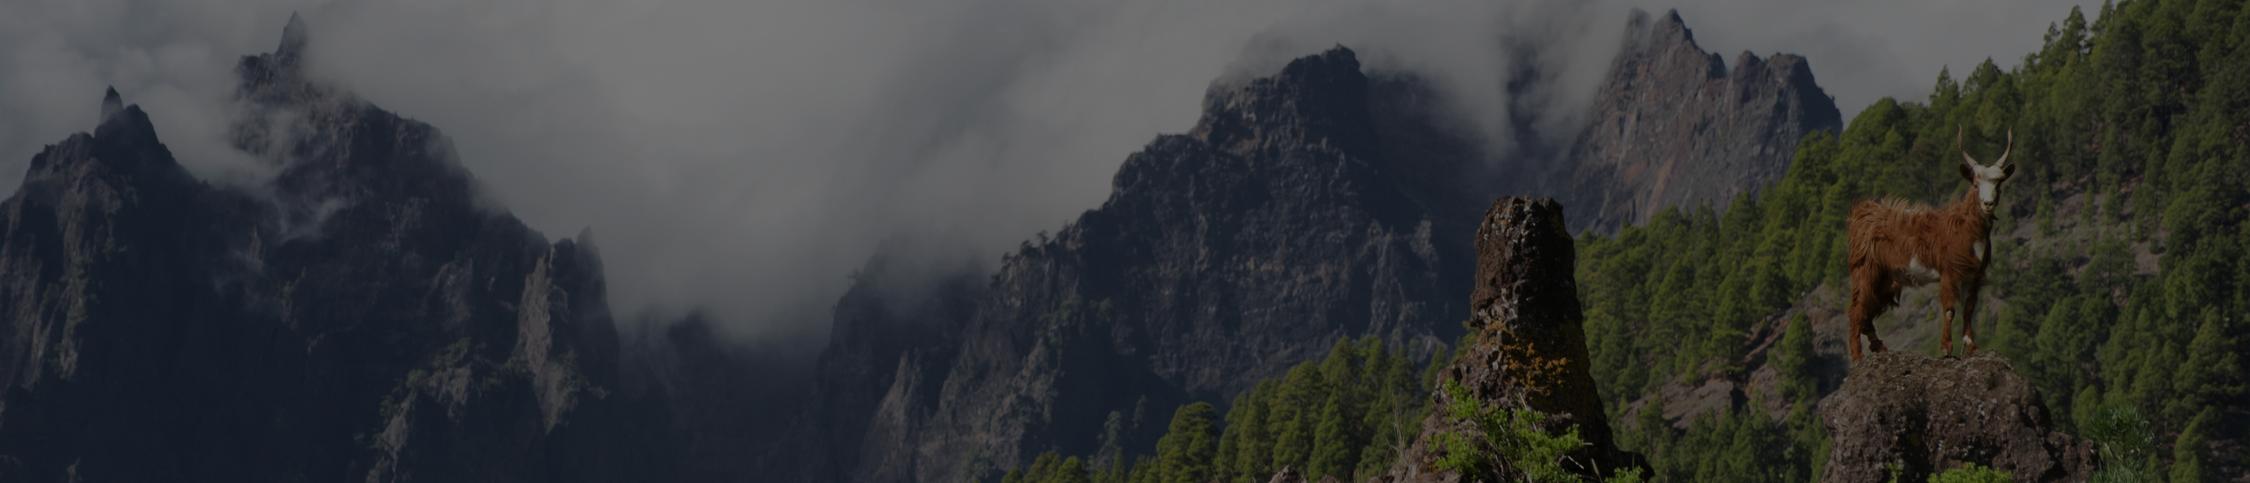 Firmado un convenio de colaboración científica entre el Instituto Regional de Investigación y Desarrollo Agroalimentario y Forestal de Castilla-La Mancha y la Asociación Nacional de Criadores de Ganado Caprino de Raza Negra Serrana